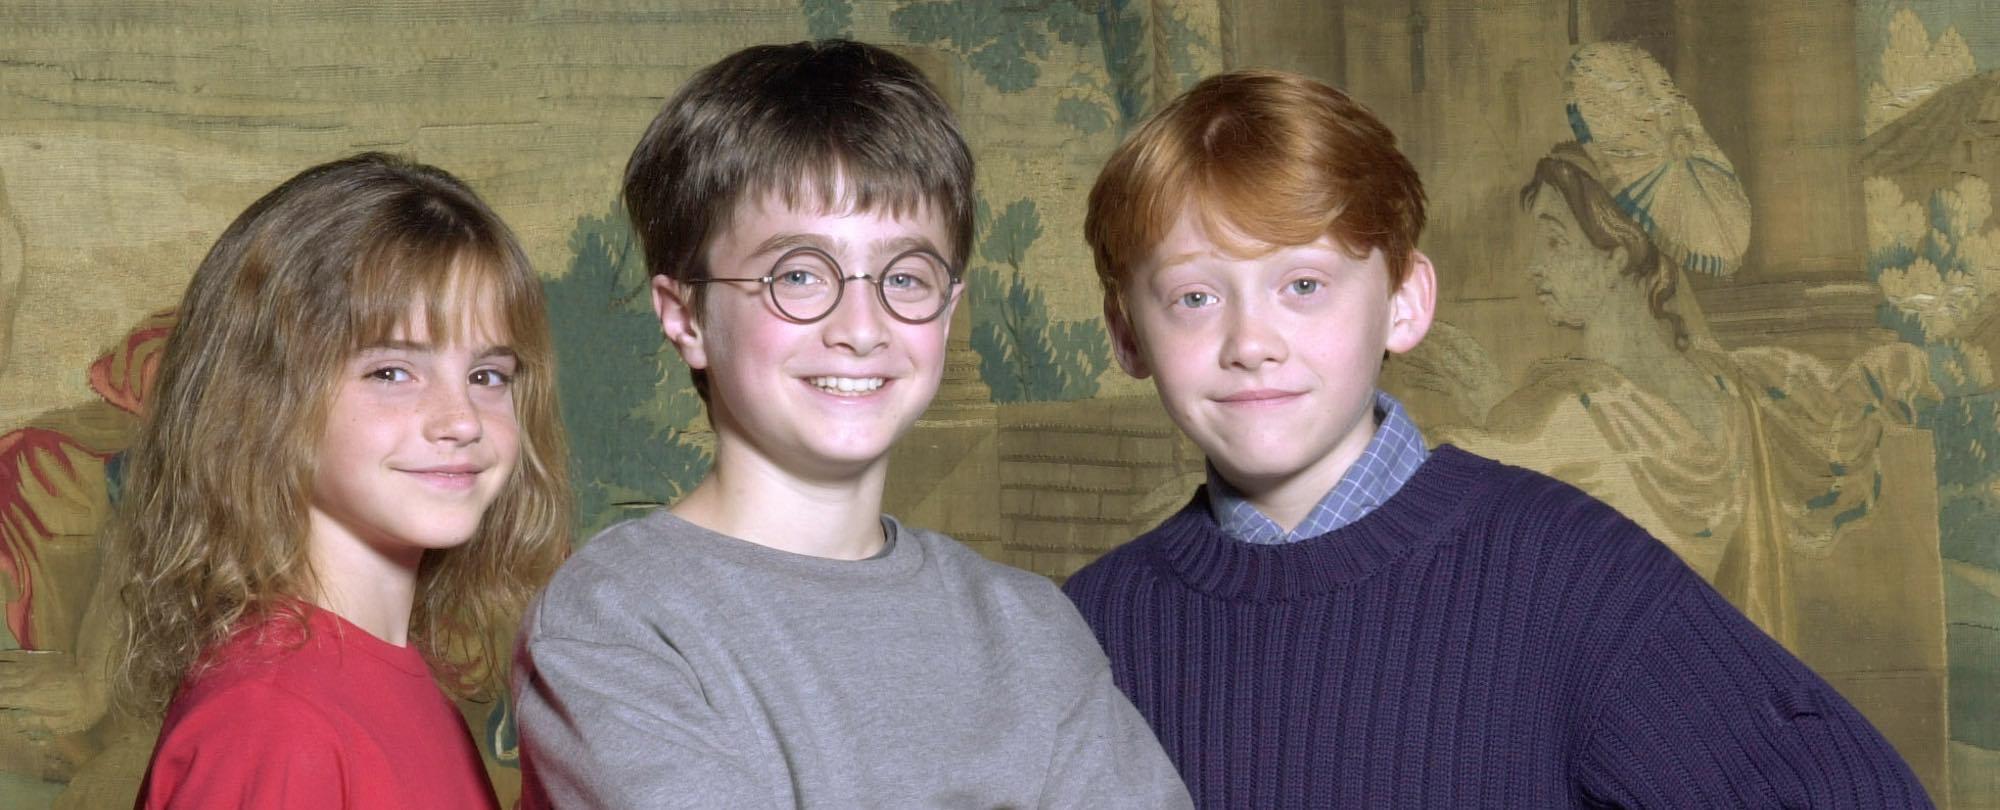 17 знаменитых детей-актеров тогда и сейчас - Попкорн - Титр - Ivi 93